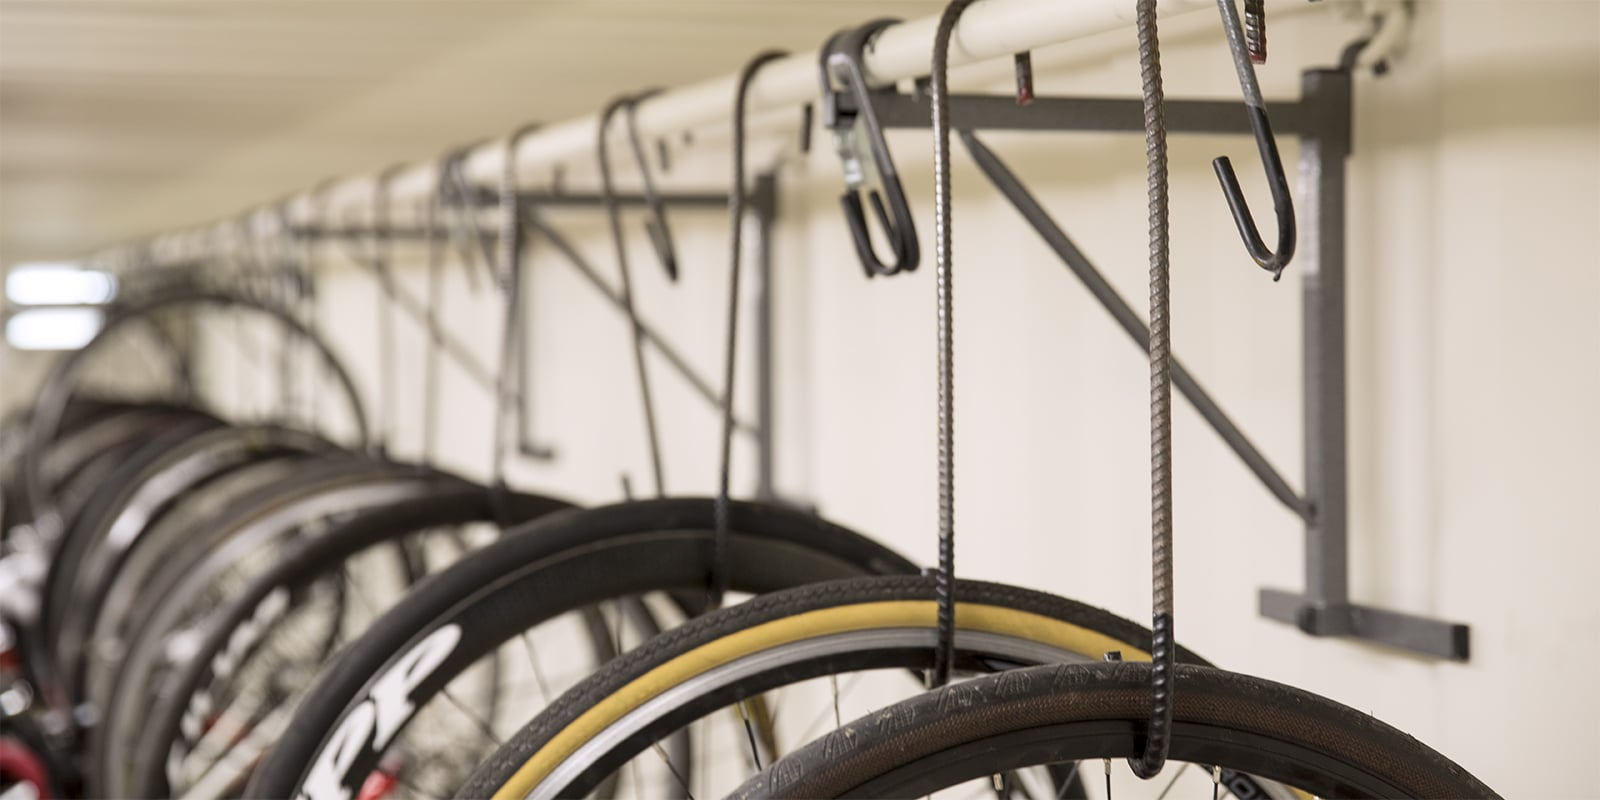 Hal Yang Perlu Diperhatikan Sebelum Membeli Wheelset